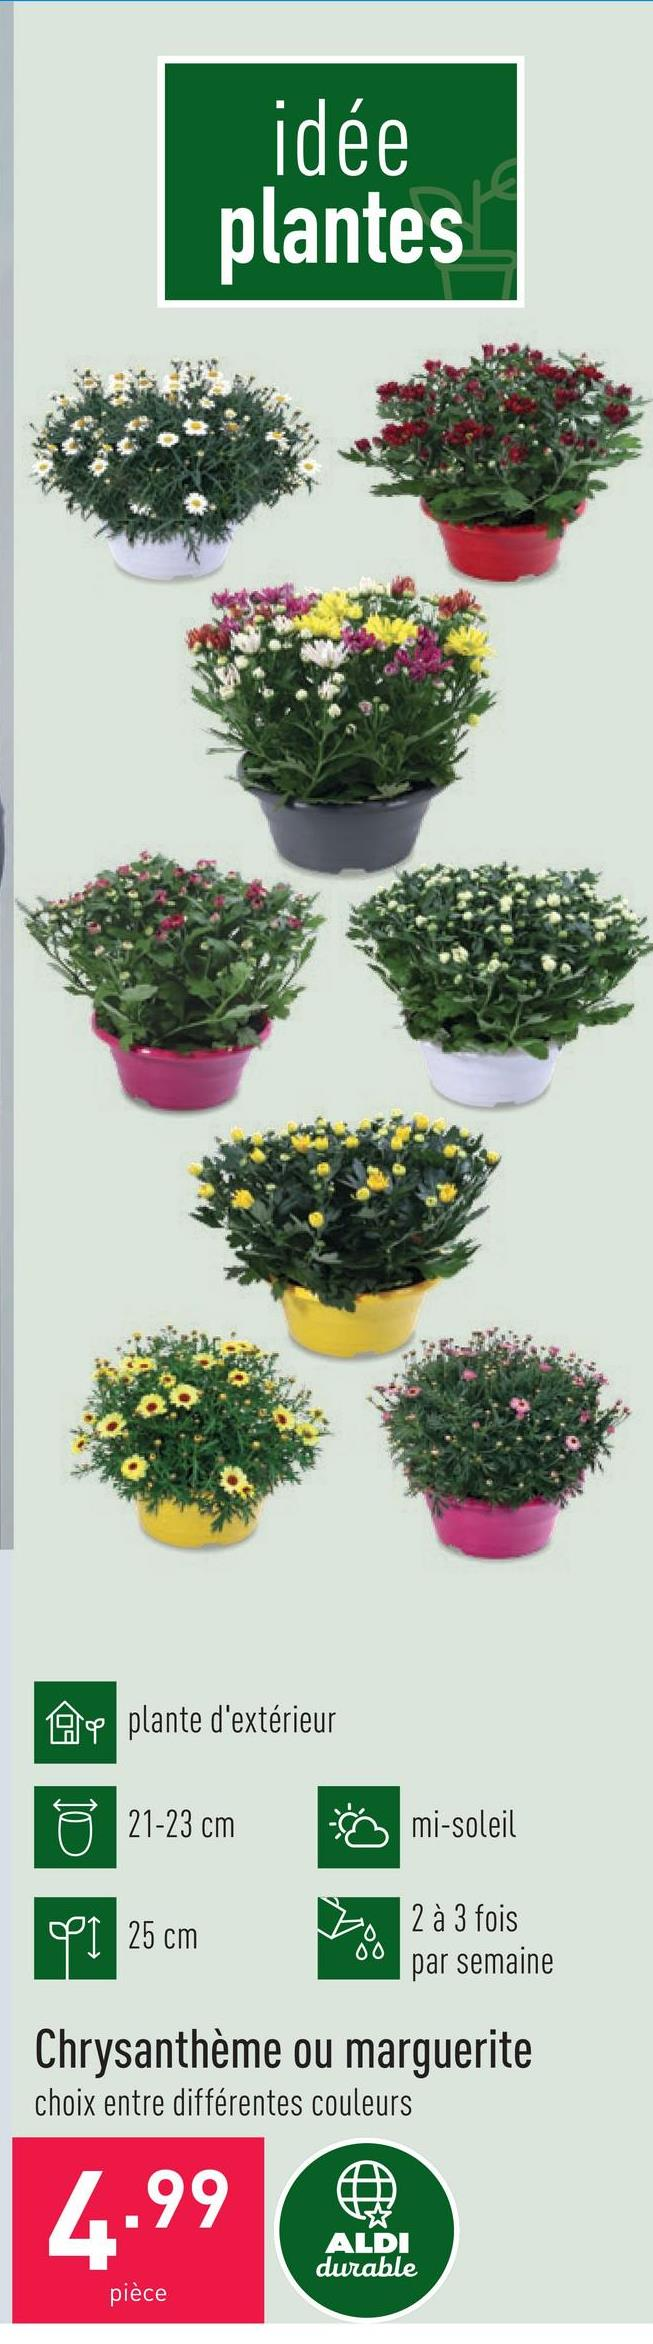 Chrysanthème ou marguerite choix entre différentes couleurs plante d'extérieurdiamètre : 21-23 cmhauteur : env. 25 cmmi-soleilarroser 2 à 3 fois par semaine